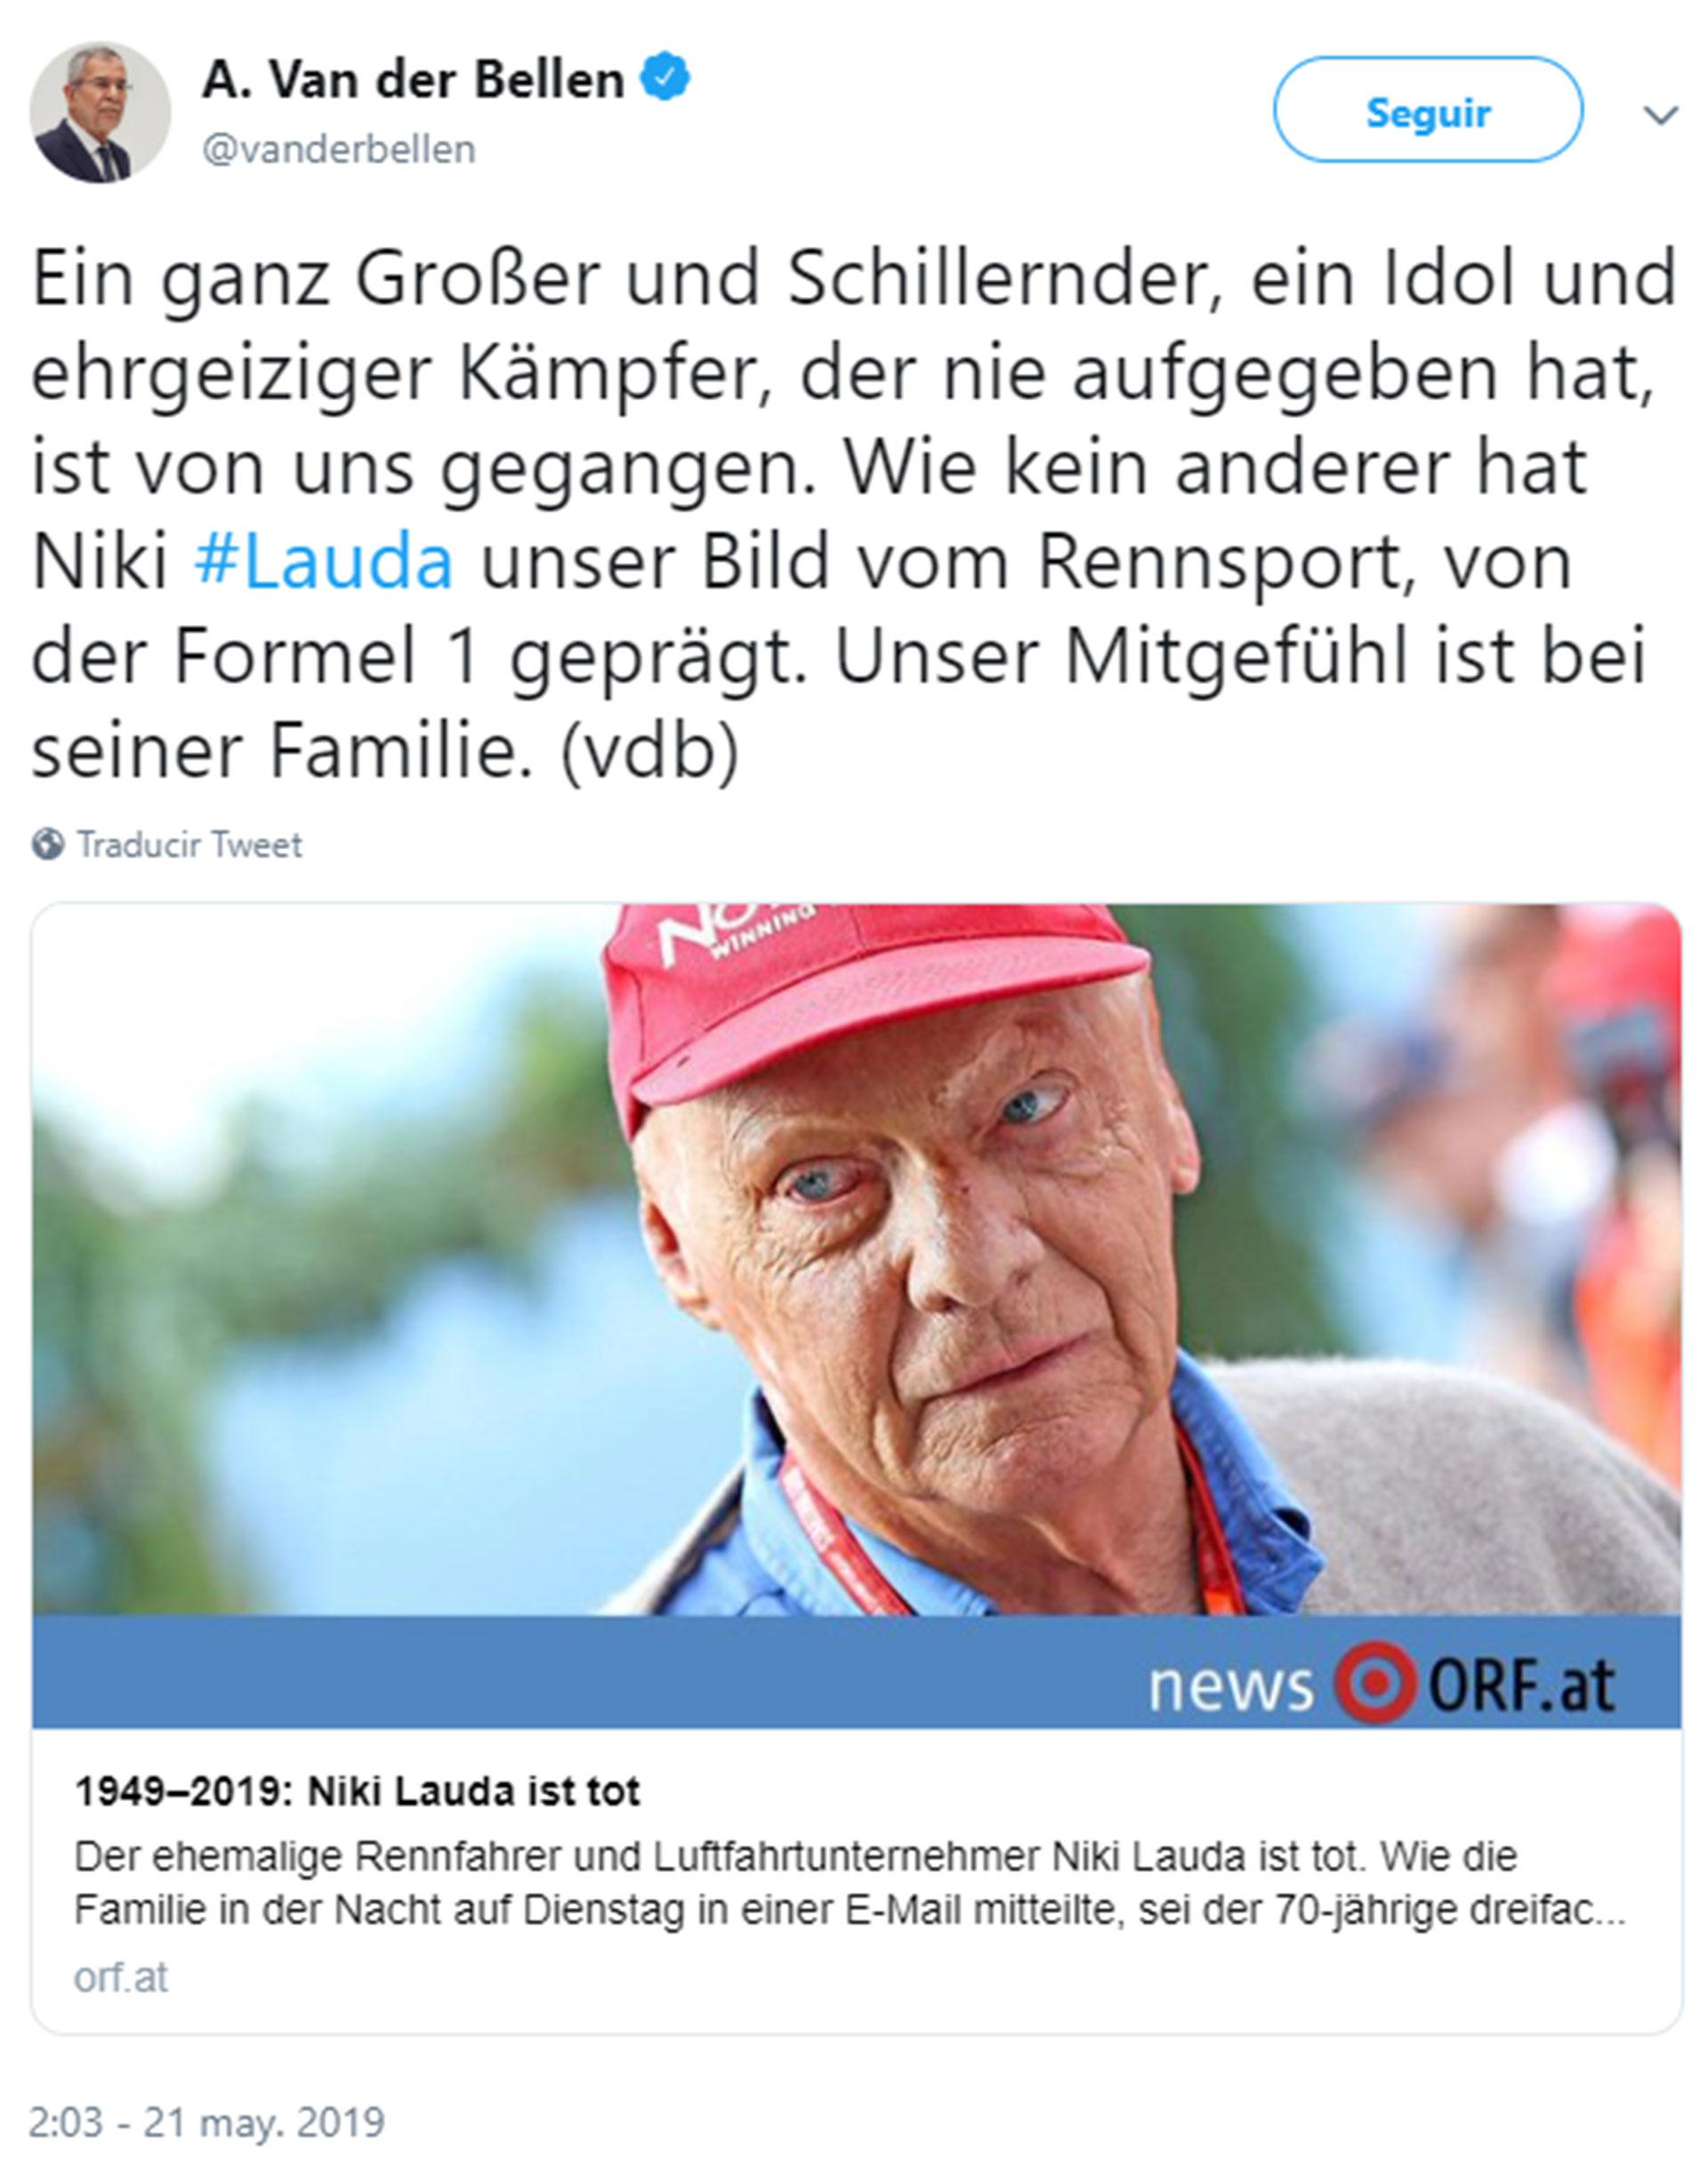 Alexander Van der Bellen, presidente de Austria, envió un mensaje de condolencias a la familia de Niki Lauda